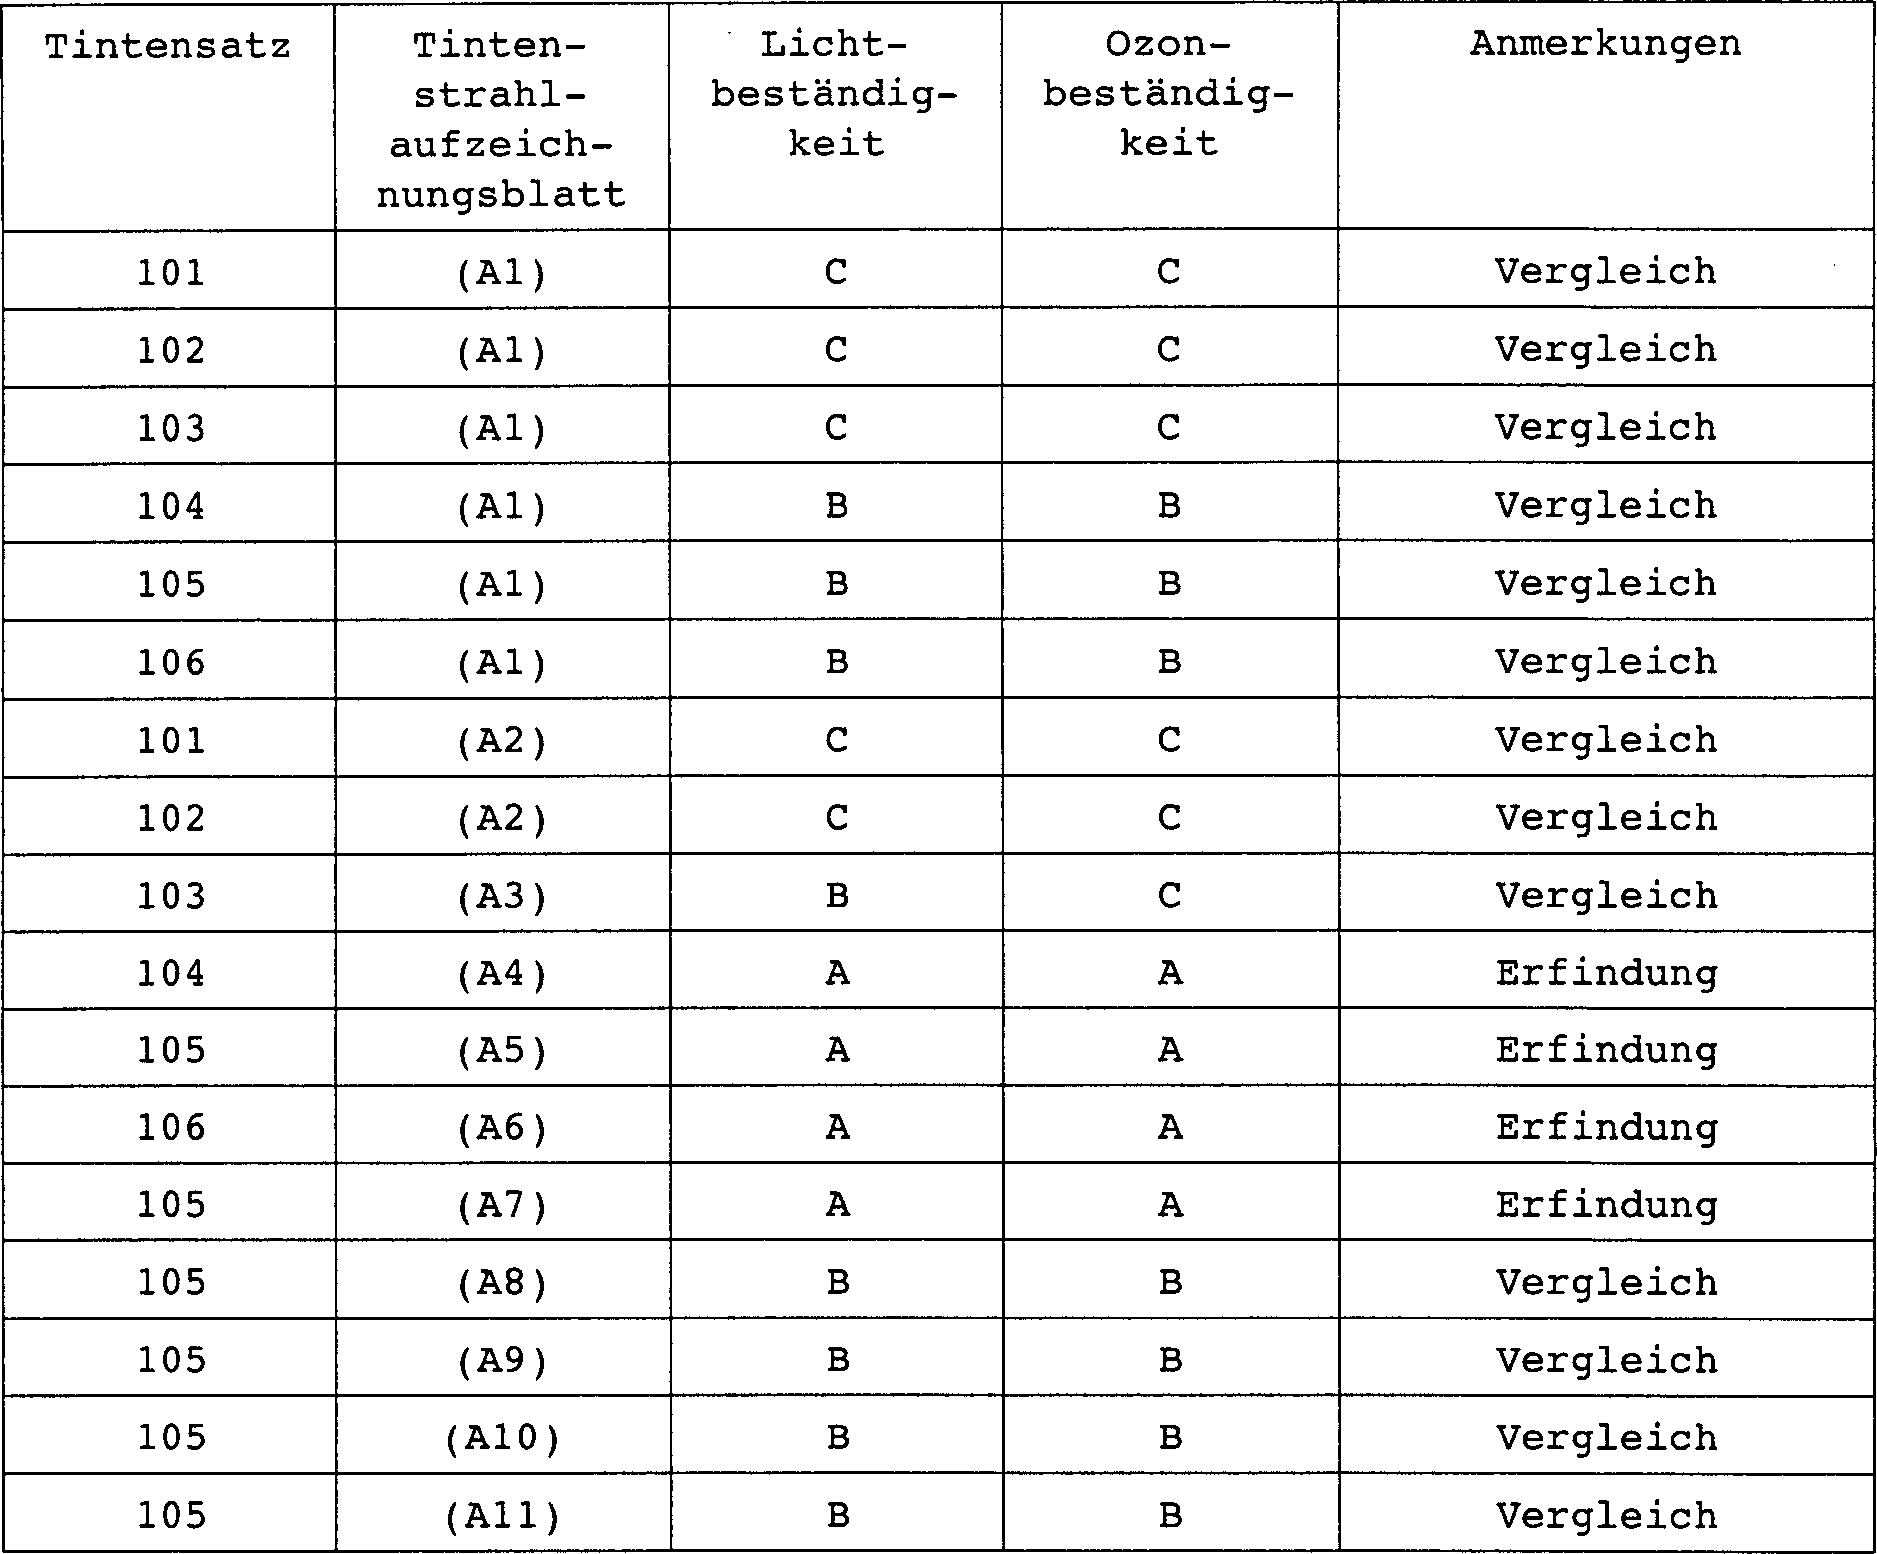 DE T2 Tintenstrahlaufzeichnungsverfahren Google Patents #2: